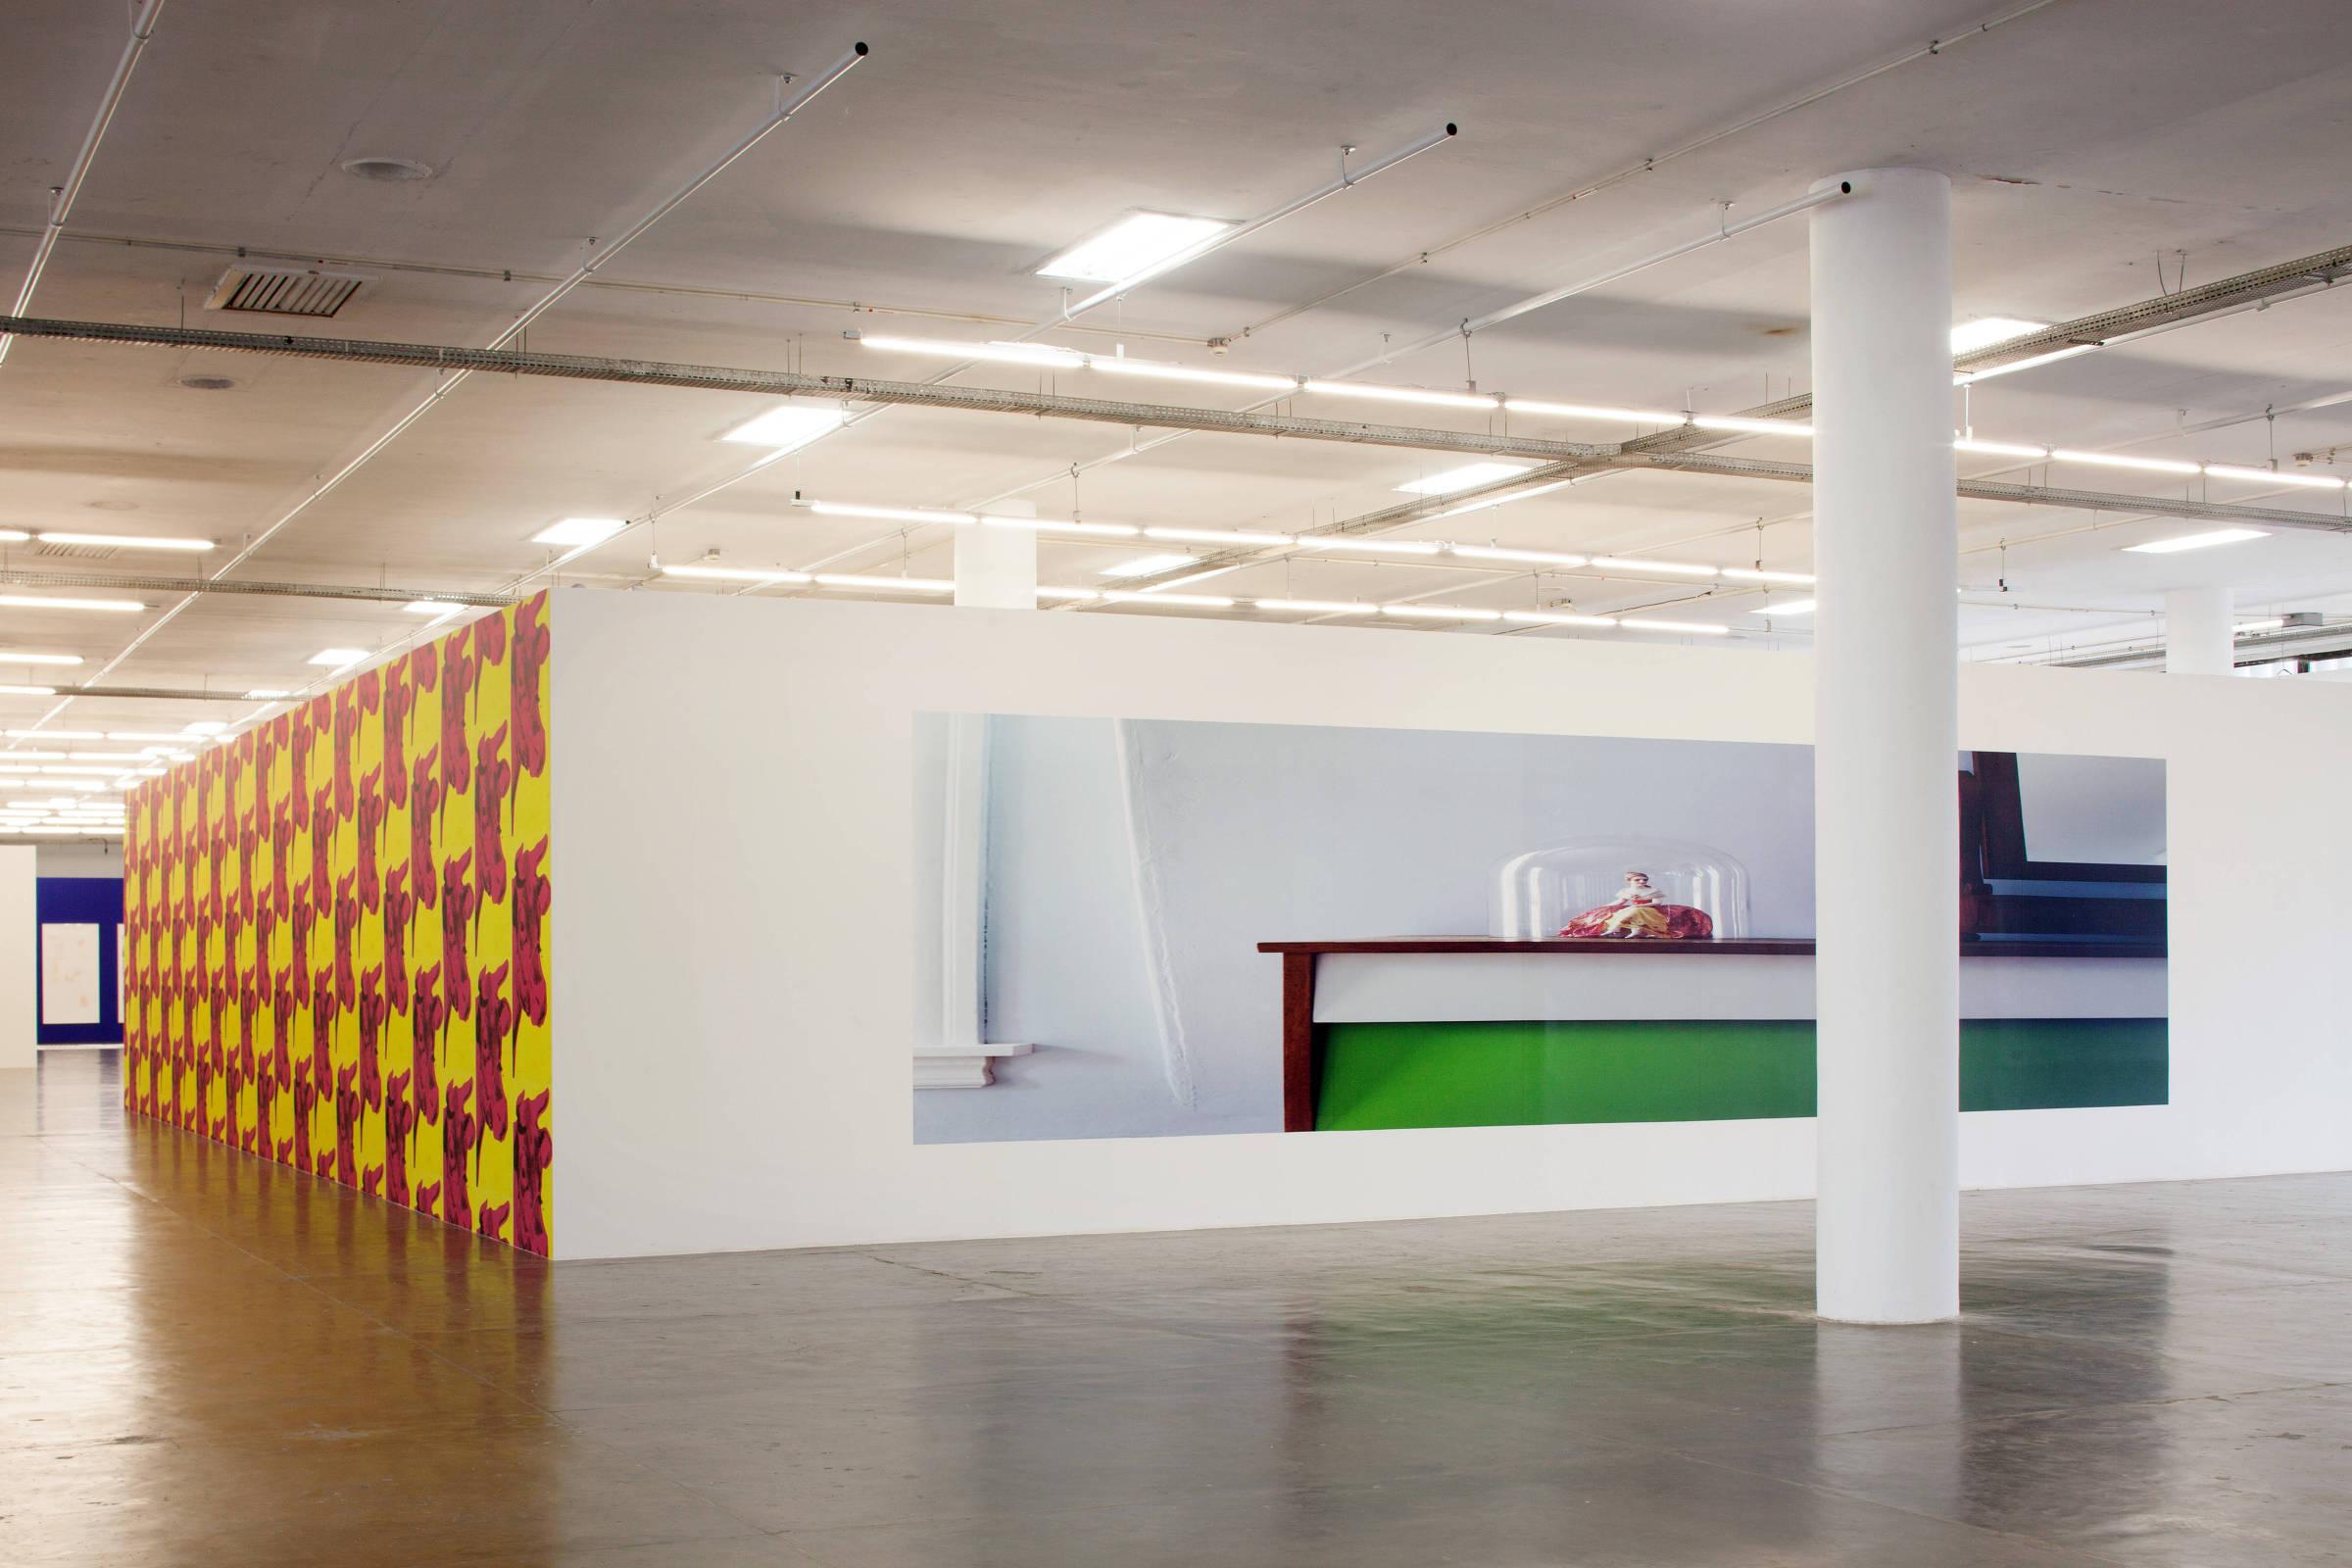 À esq., 'Warhol Cow Wallpaper', de Sturtevant, 1996; à dir. 'Adjusted to Fit', de Louise Lawler, 1998 (Tuca Vieira/Folhapress)